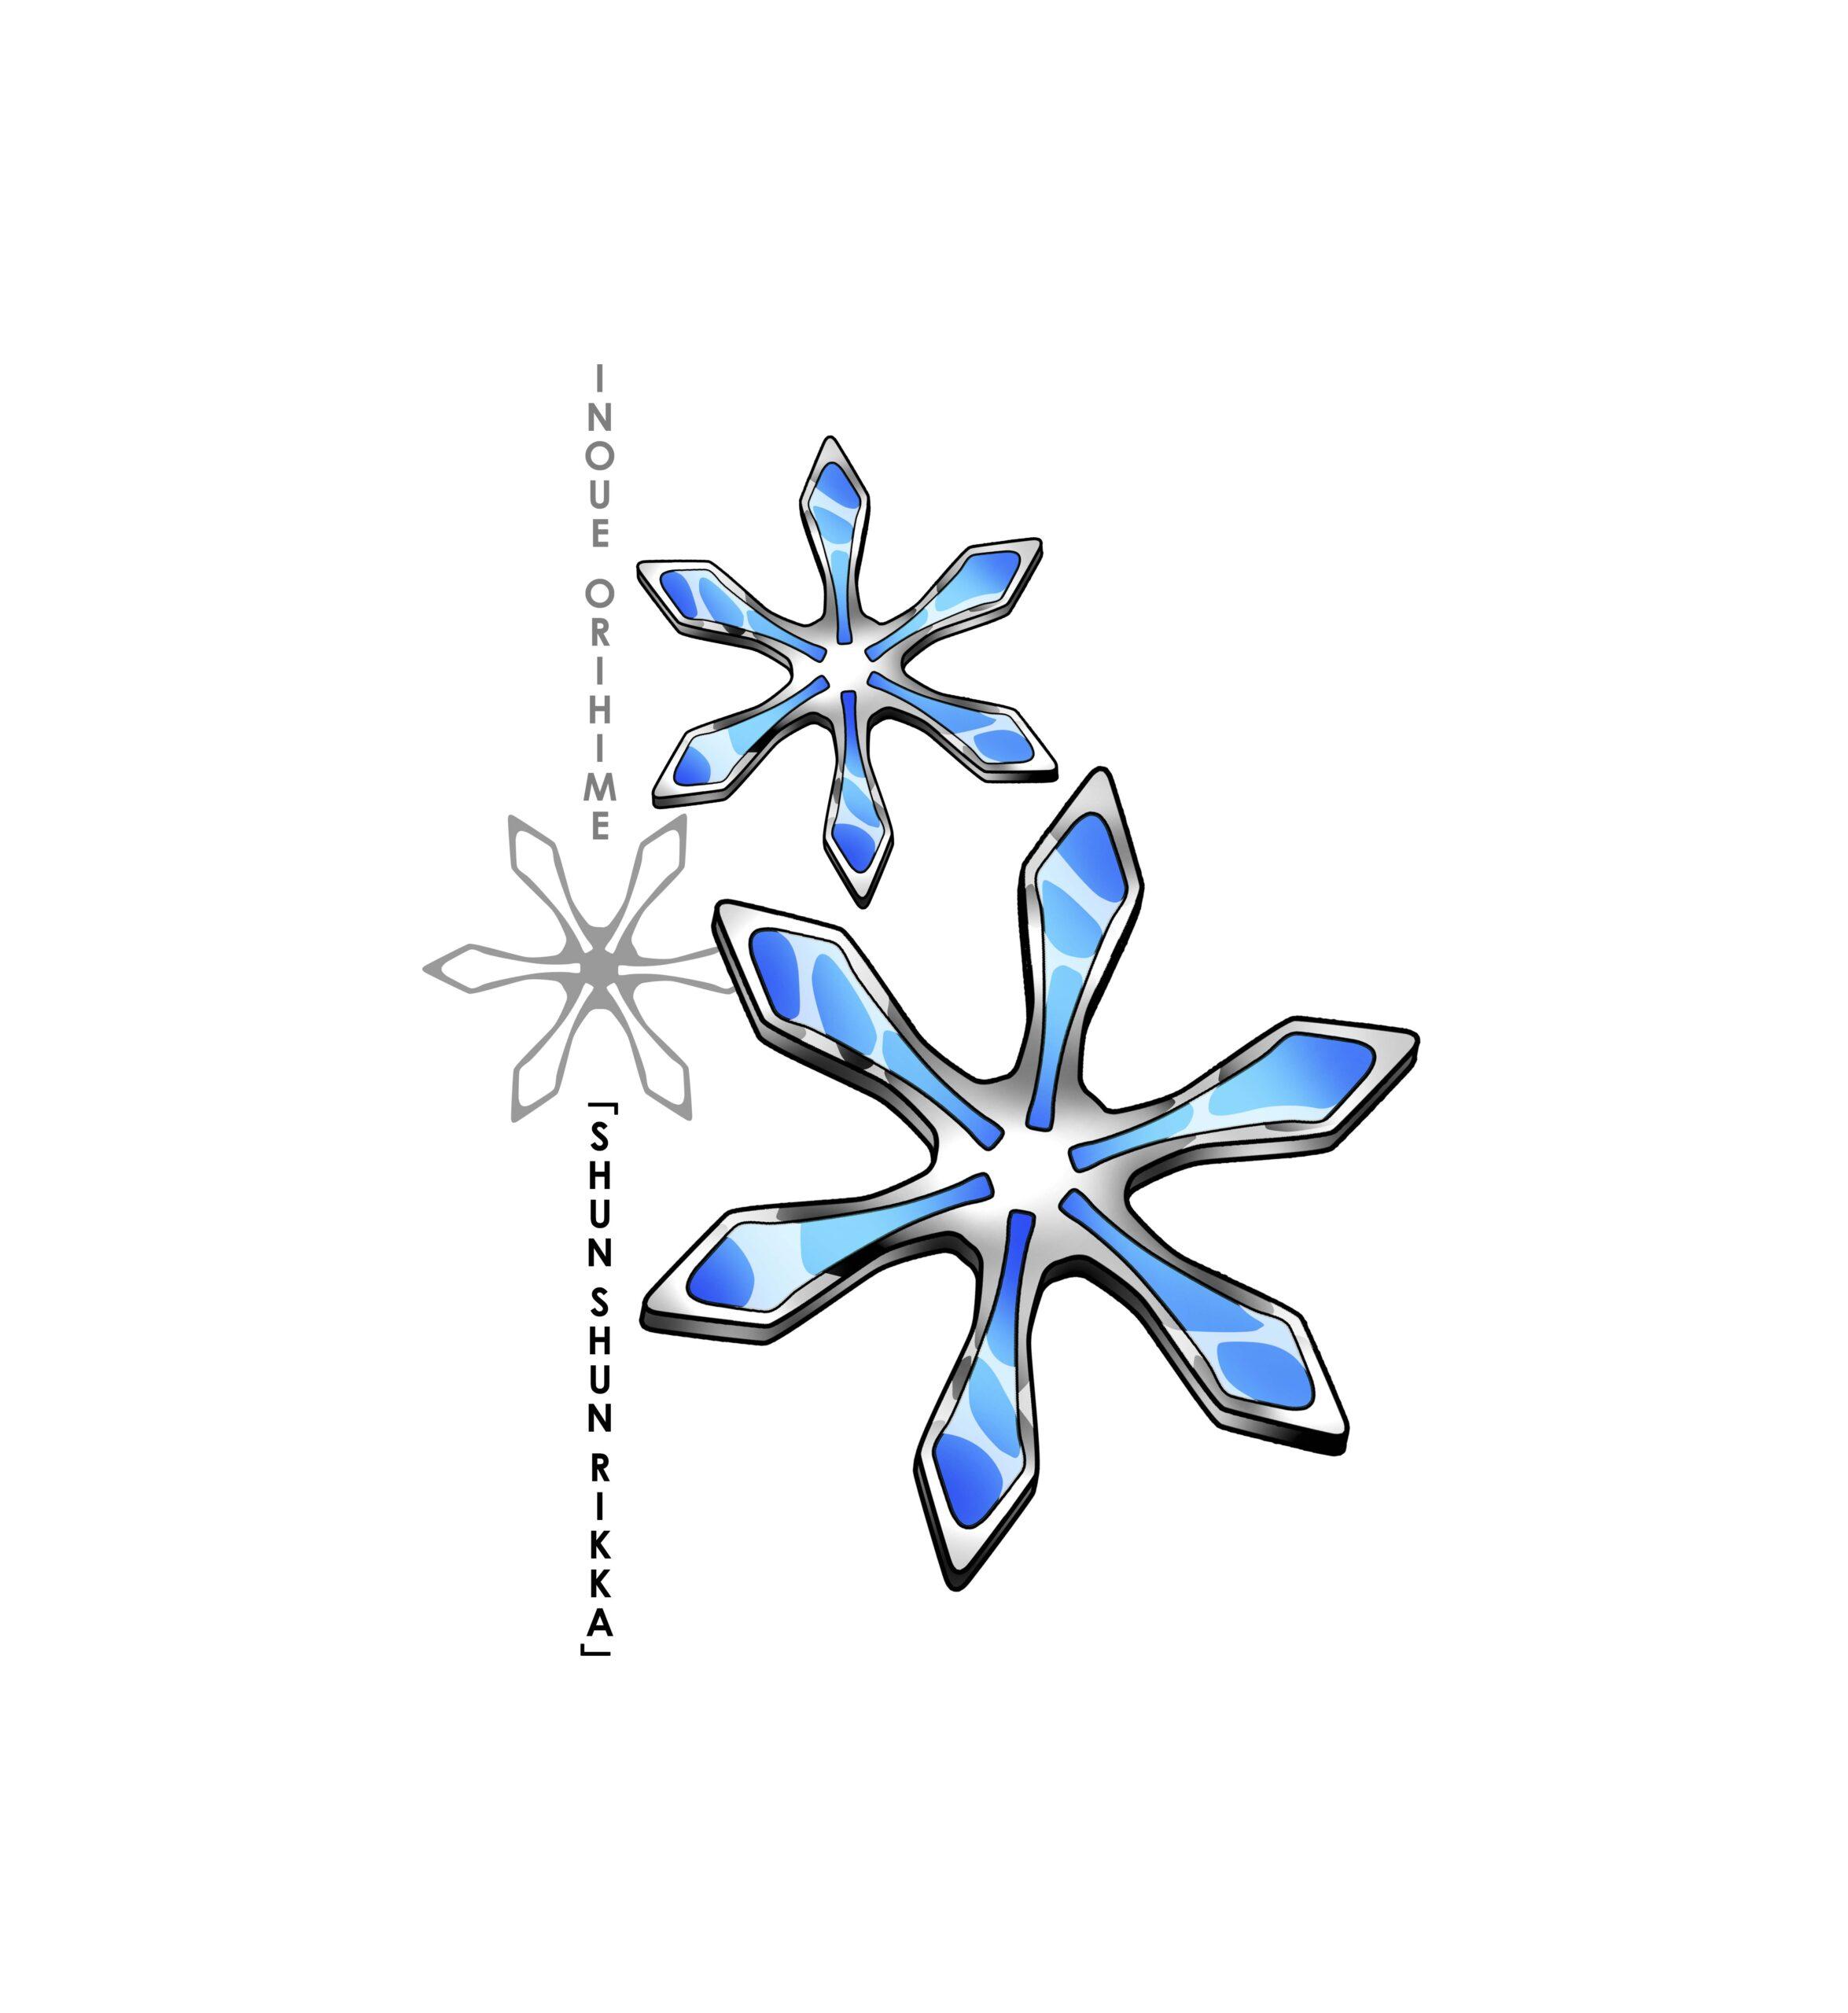 Adesivo - Inoue Orihime